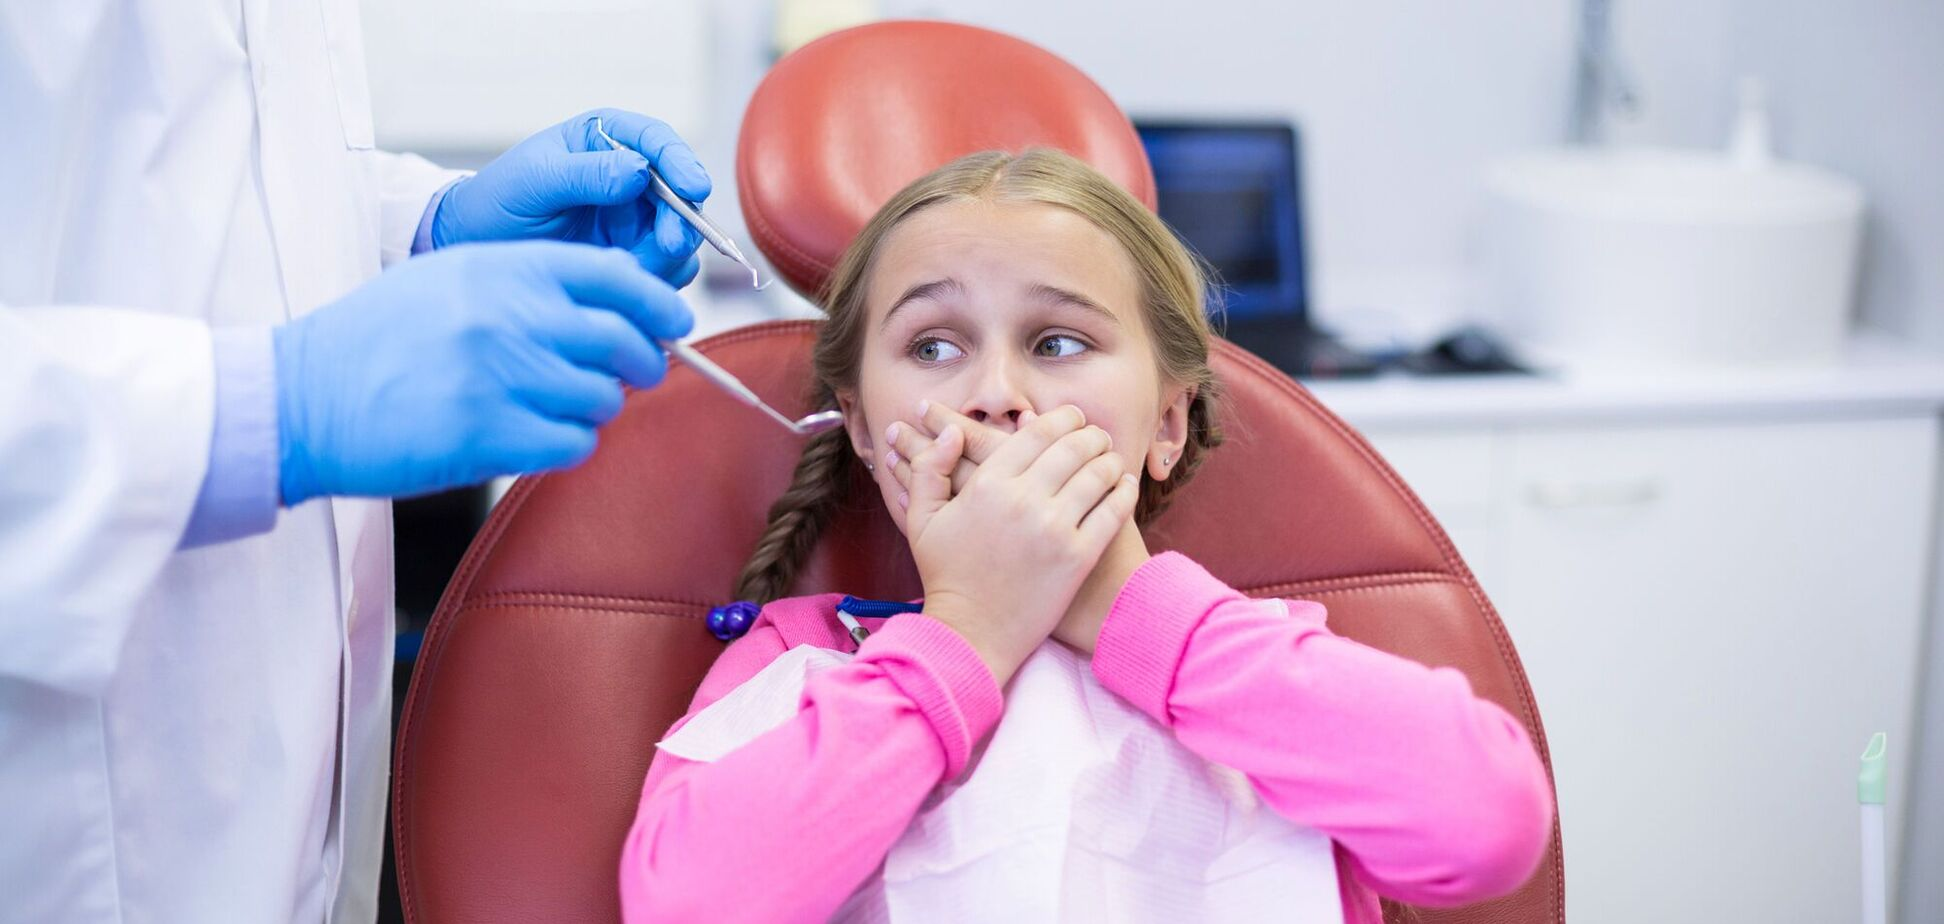 В Ривне стоматолога обвинили в издевательствах над детьми: на видео женщина бьет и душит пациентов. 18+